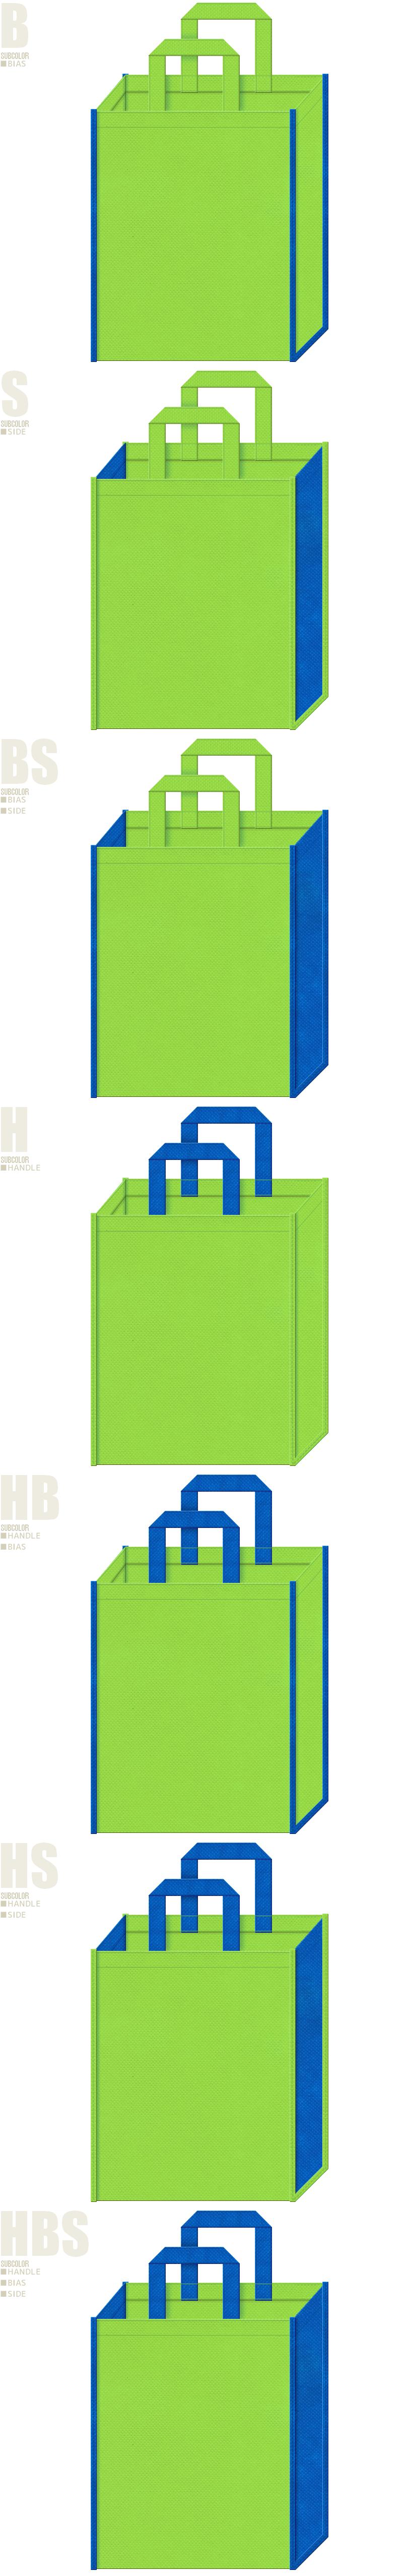 不織布トートバッグのデザイン例-不織布メインカラーNo.38+サブカラーNo.22の2色7パターン